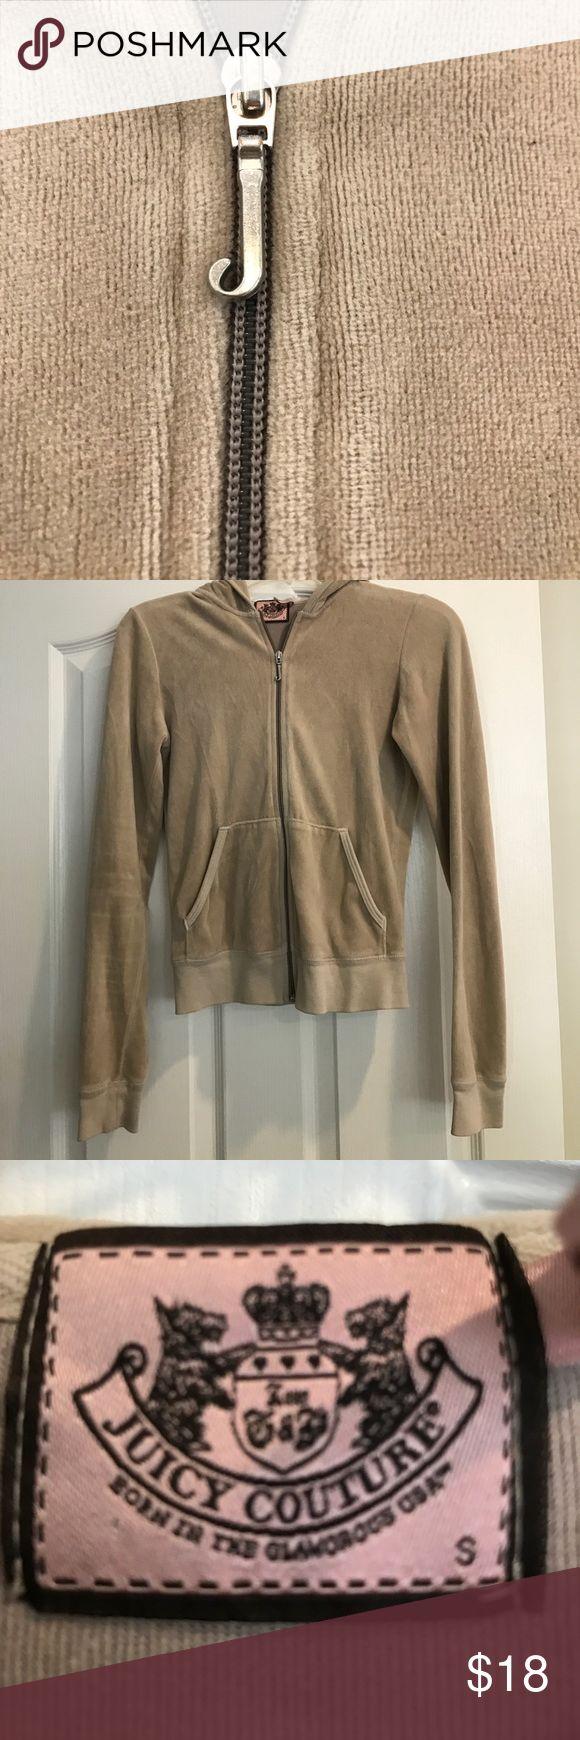 Nude - Velour - Zip Up - Juicy Jacket - size small Nude - Velour - Zip Up - Juicy Jacket - size small Juicy Couture Tops Sweatshirts & Hoodies